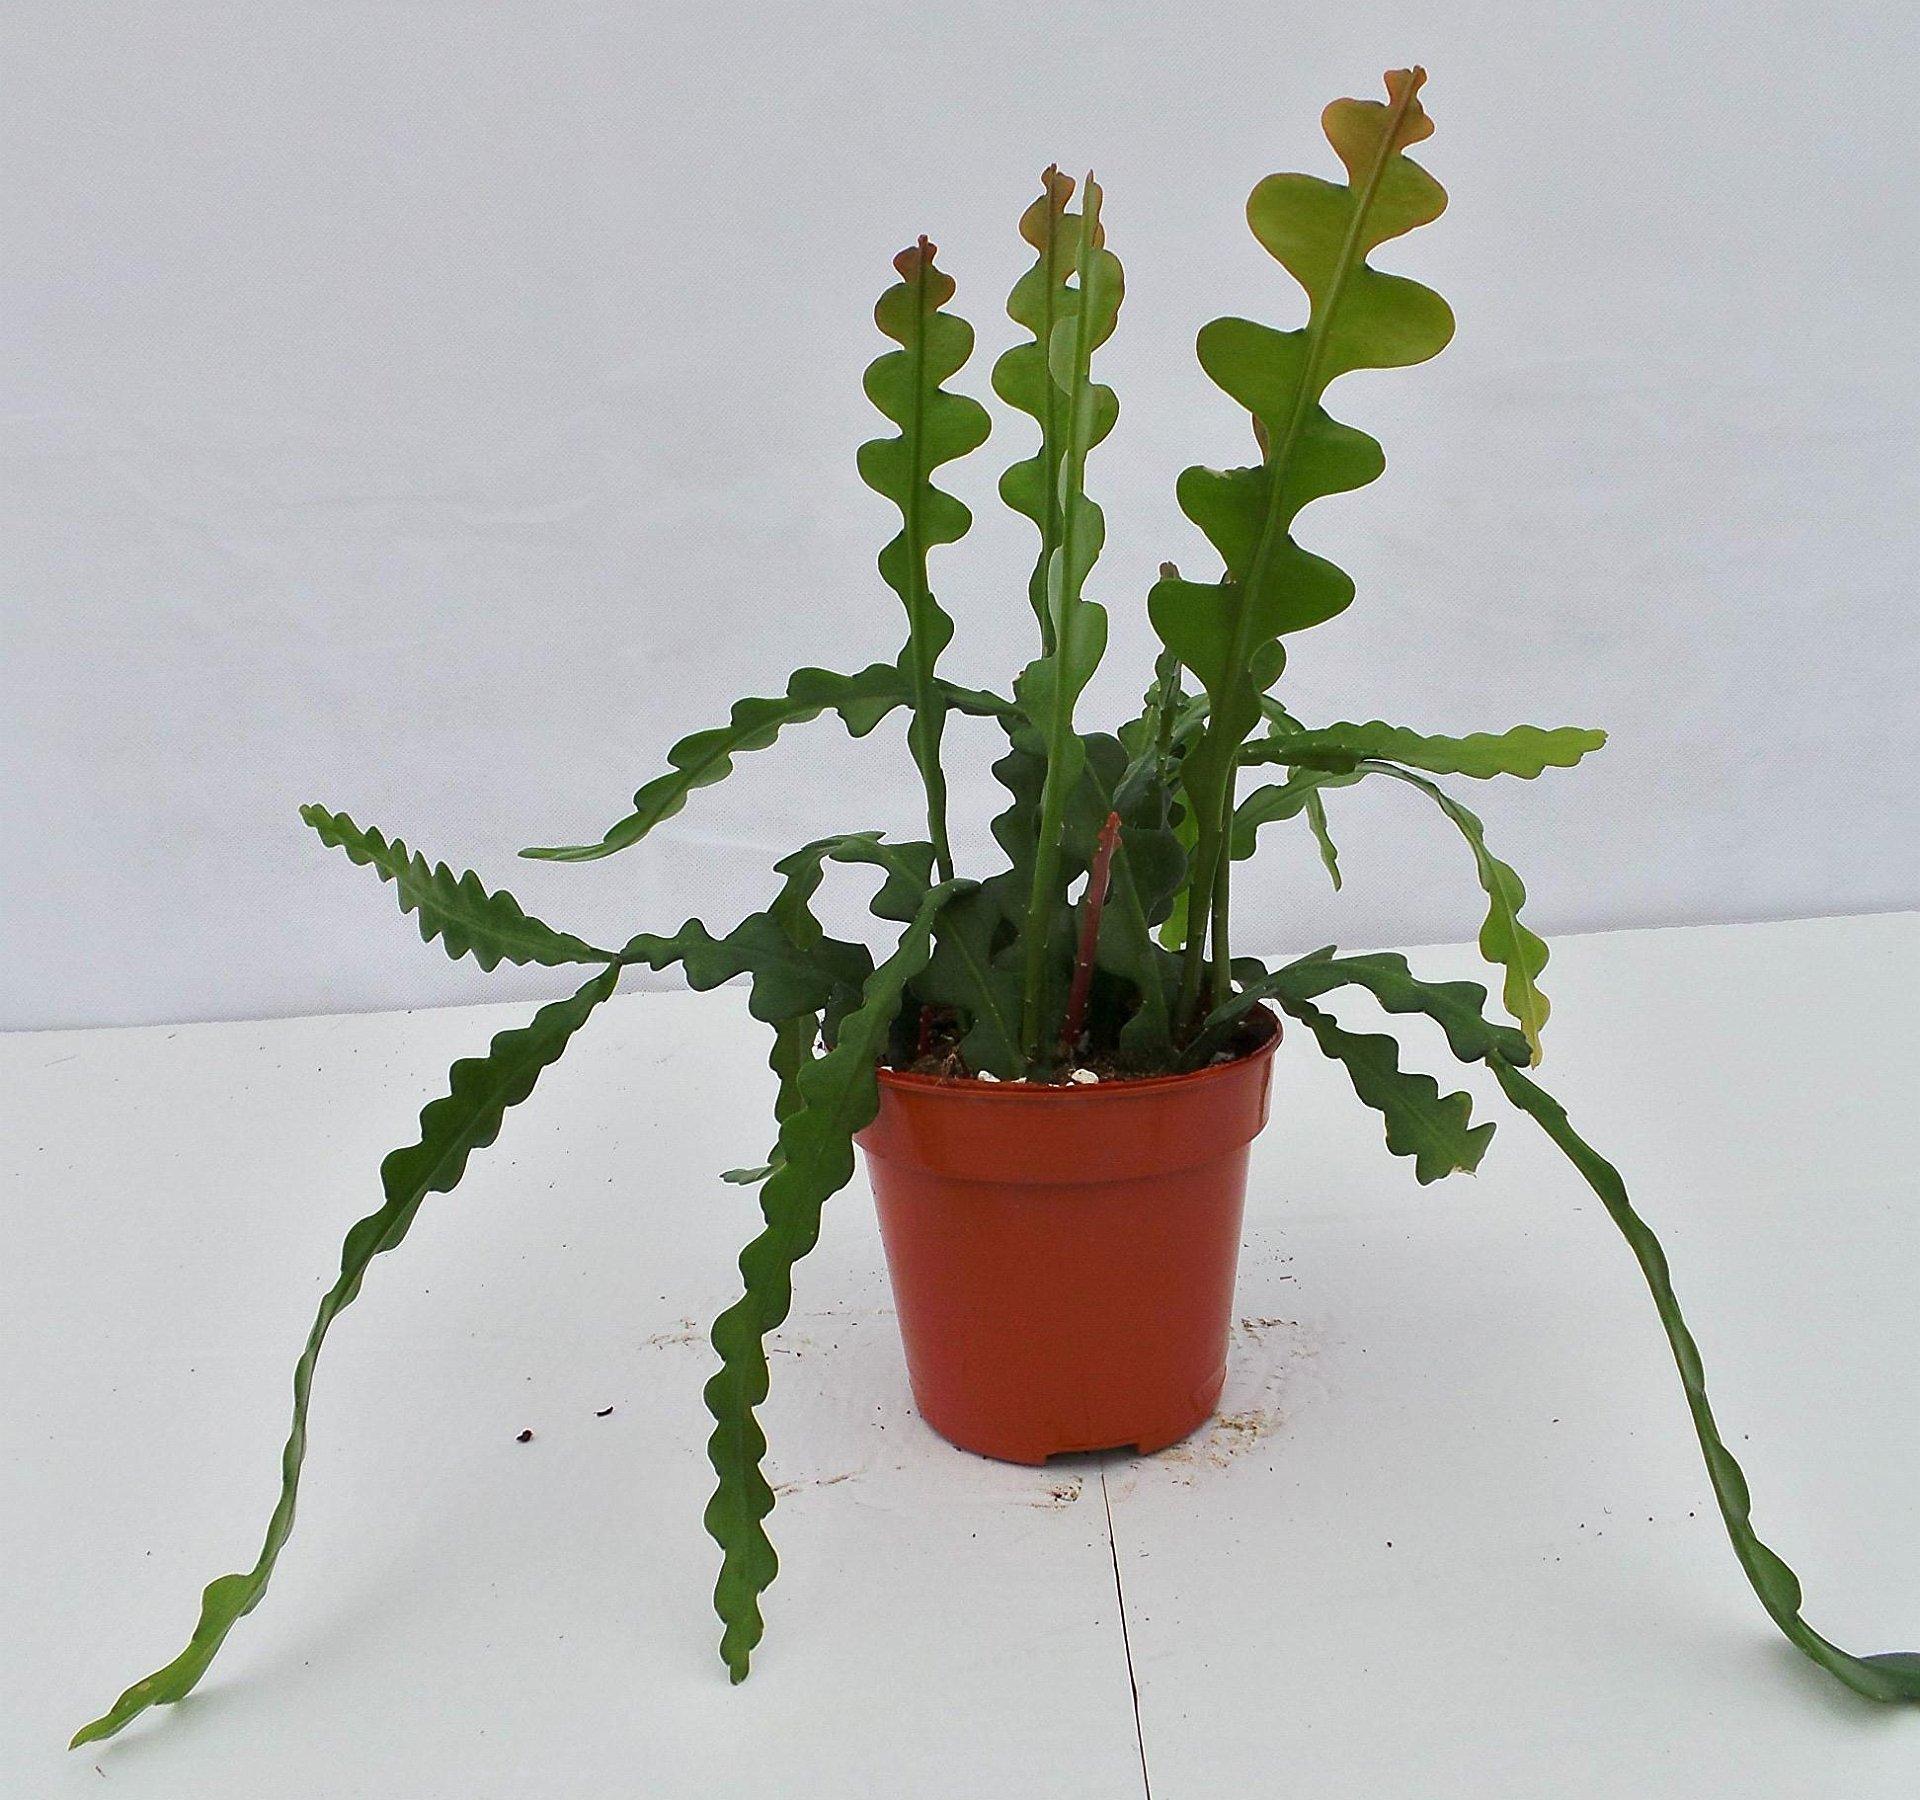 Fishbone Cactus Cutting Rare Cactus Epiphyllum Transplant House Plant Orchid Cactus Zig Zag Cactus Ric Rac Cactus Epiphyllum Anguliger